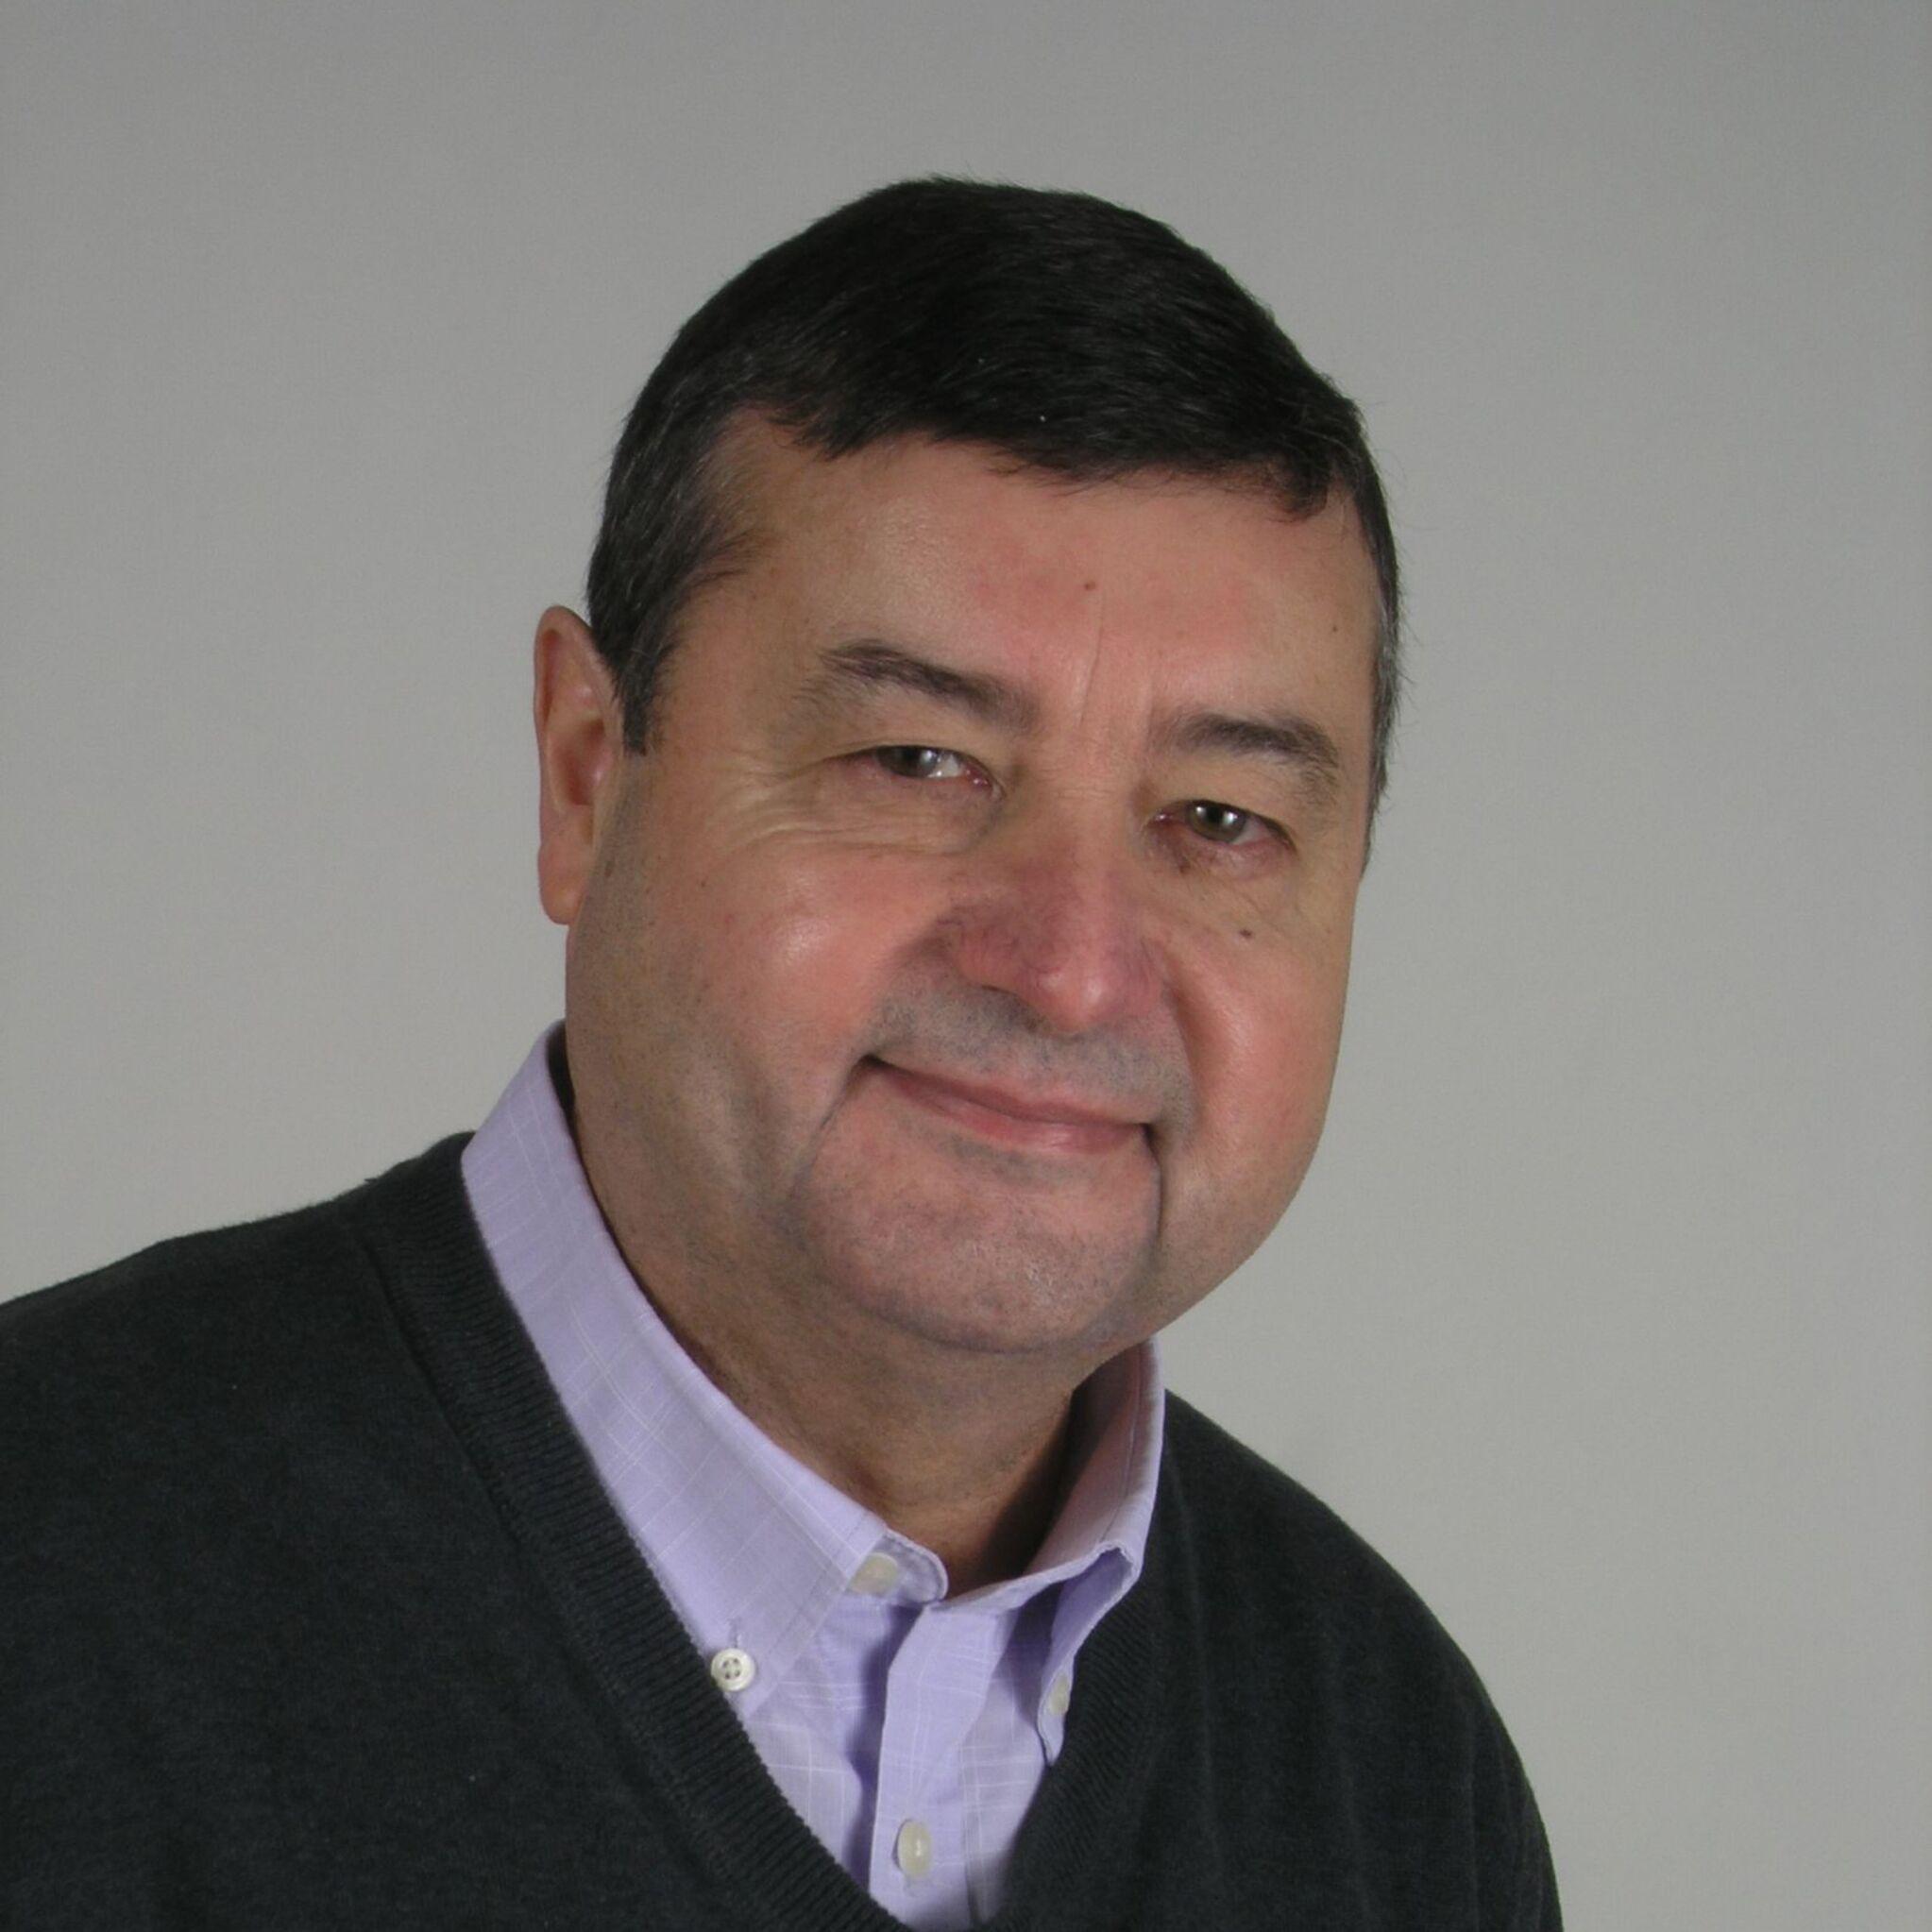 Alfons Zöller